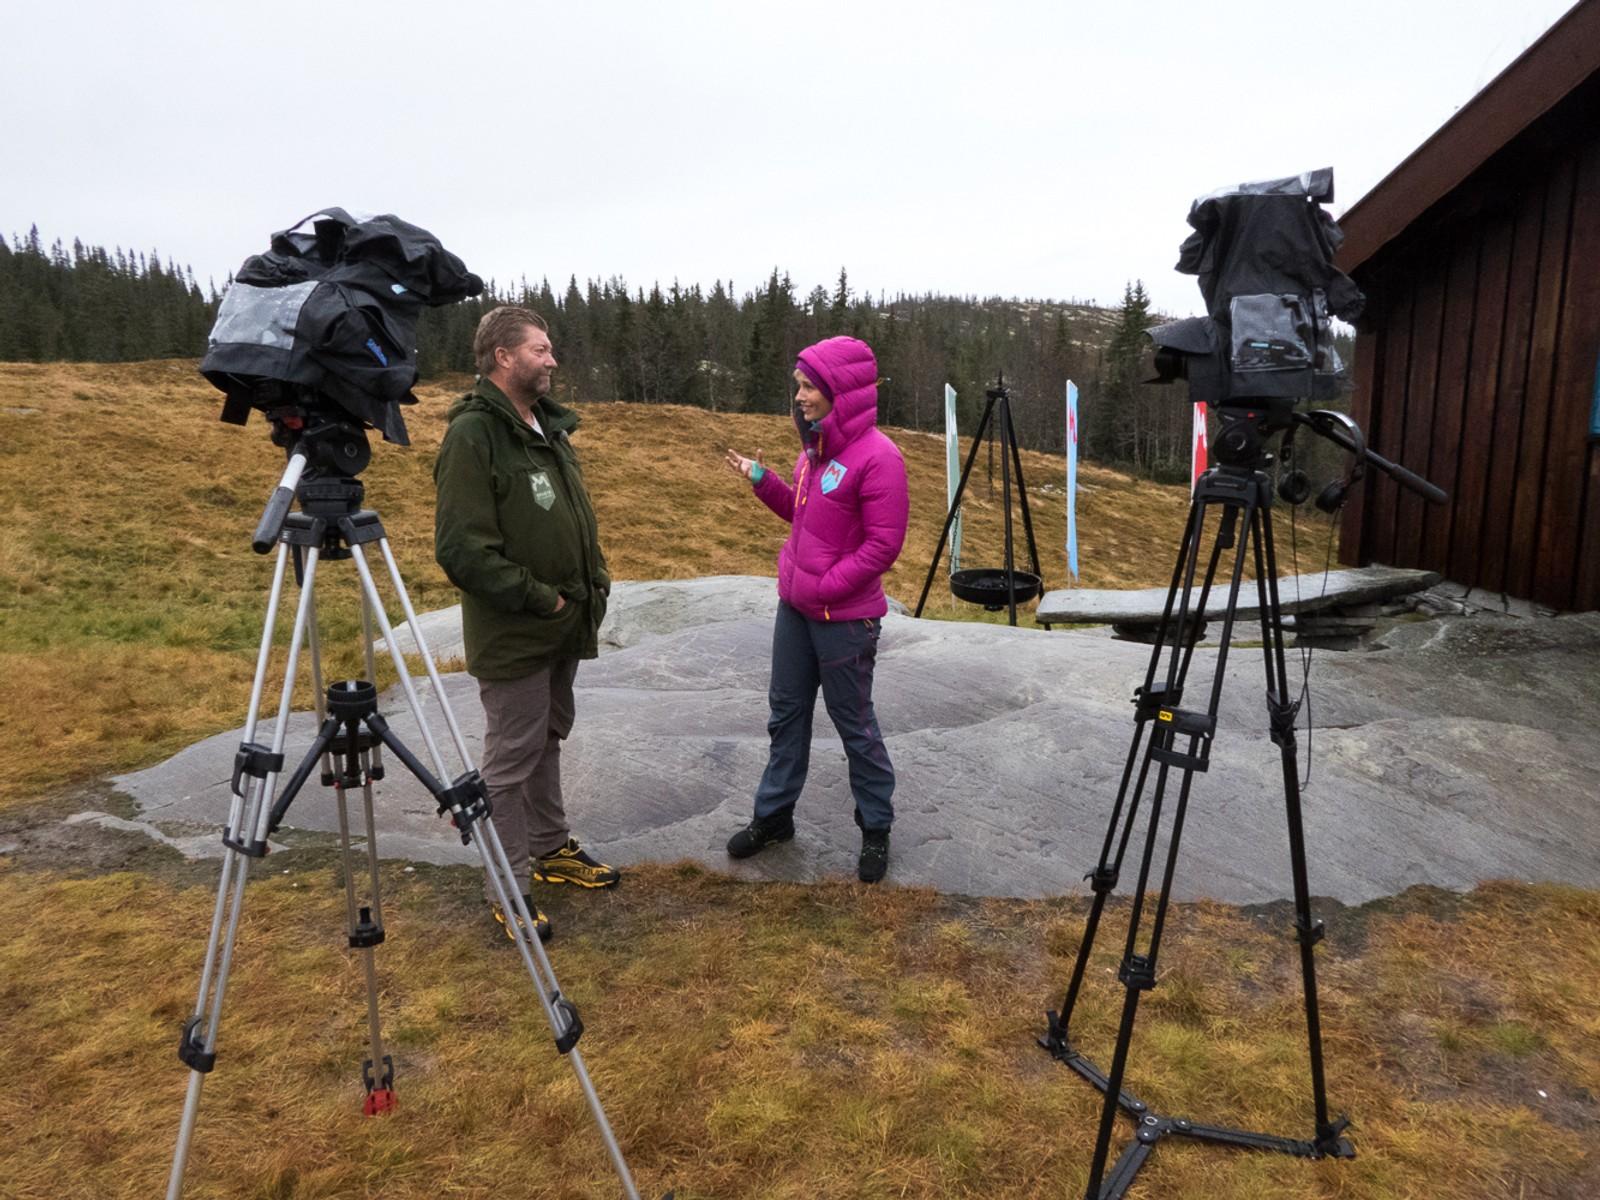 Villmarksekspert Trond Strømdahl og programleder Anne Rimmen slår leir i det som er målområdet for Lars Monsen sine turer. Derfra følger de med på Monsens GPS-koordinater, for å se om han er i rute. Derfra kontakter de ham også via satelitt-telefon flere ganger i løpet av turen.